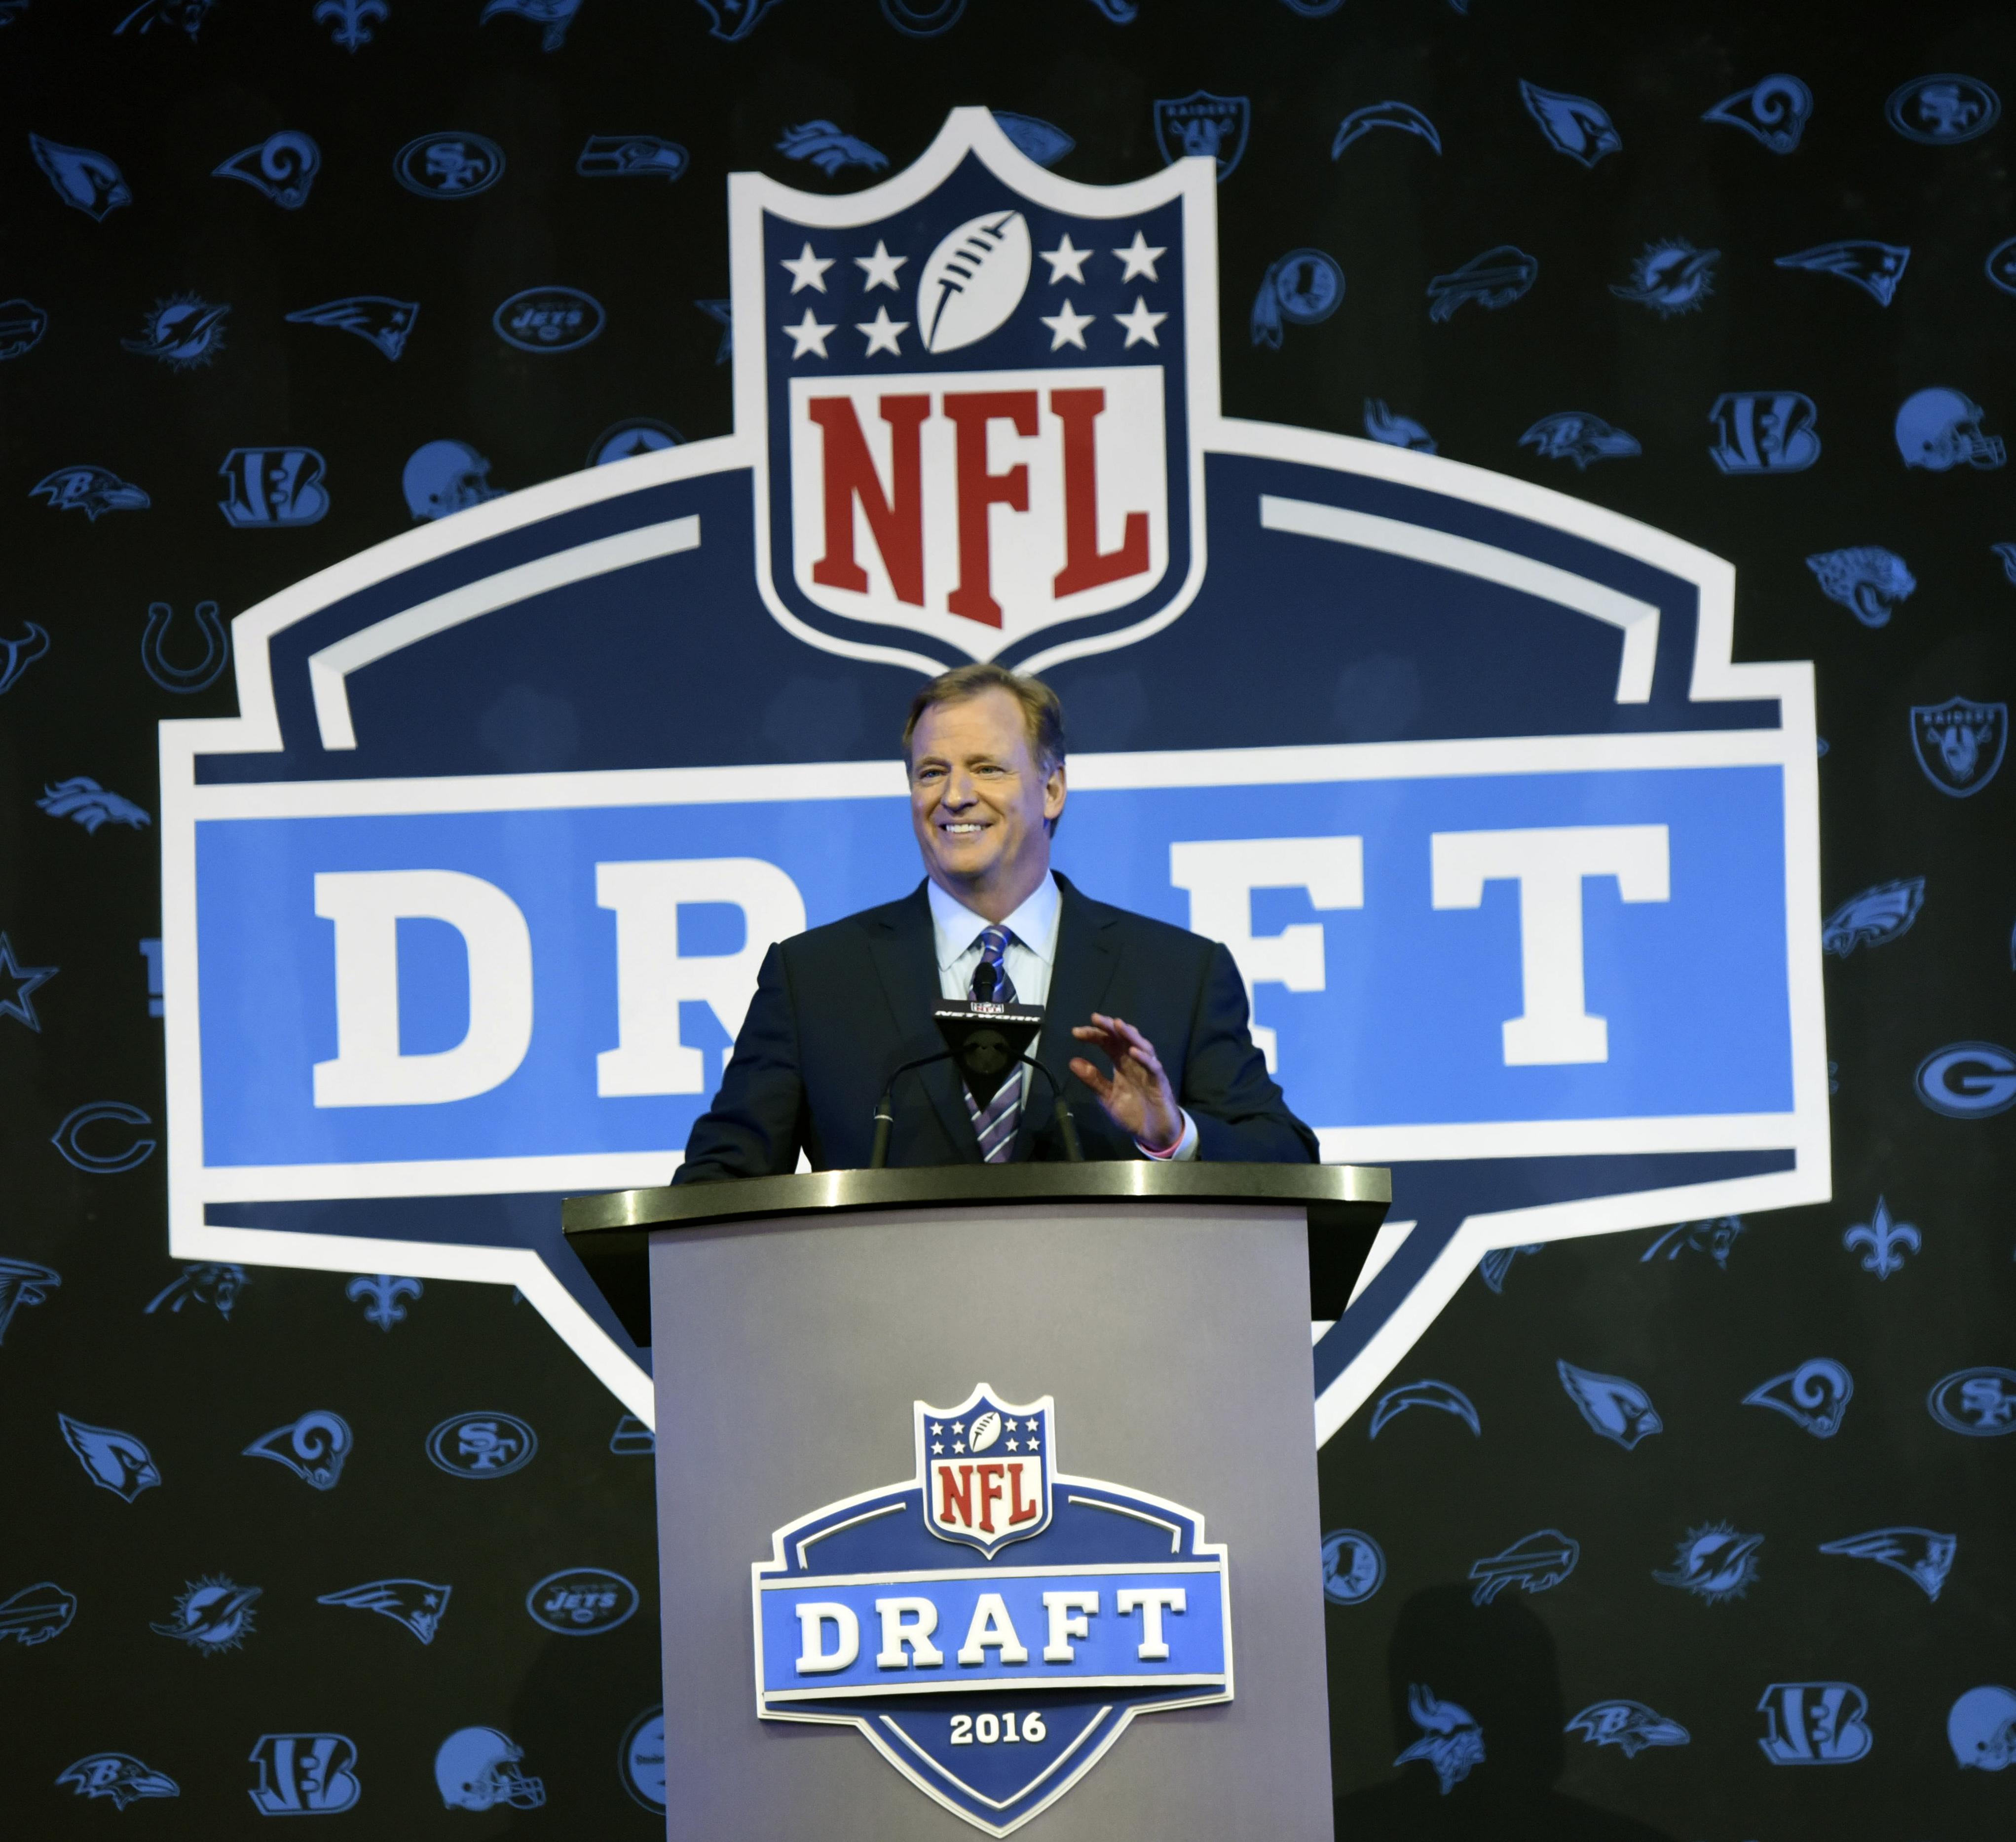 NFL Commissioner Roger Goodell opens the NFL football draft Thursday, April 28, 2016, in Chicago. (AP Photo/Matt Marton)